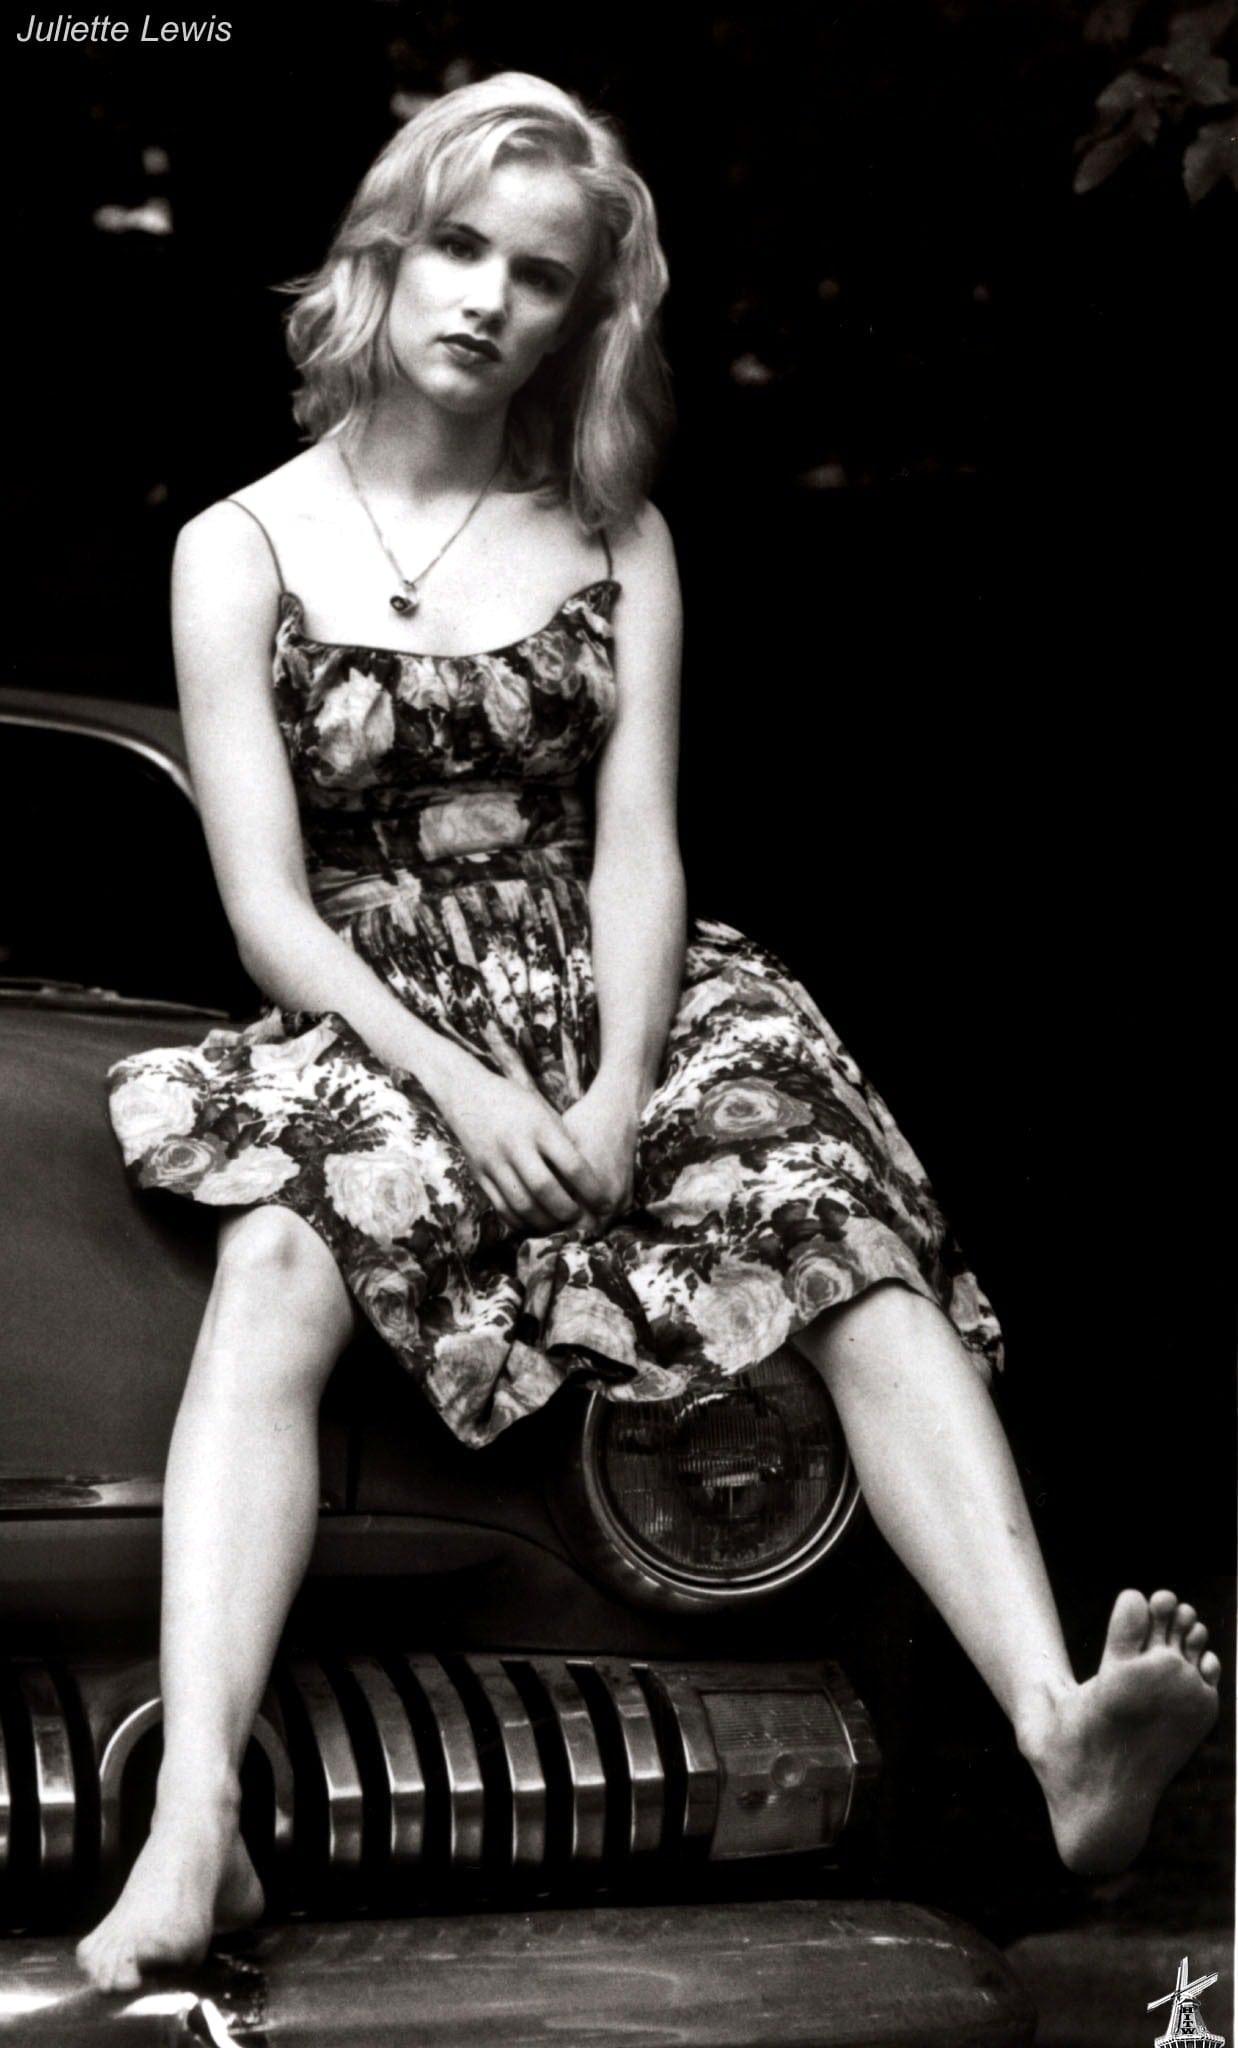 Juliette Lewis beautiful